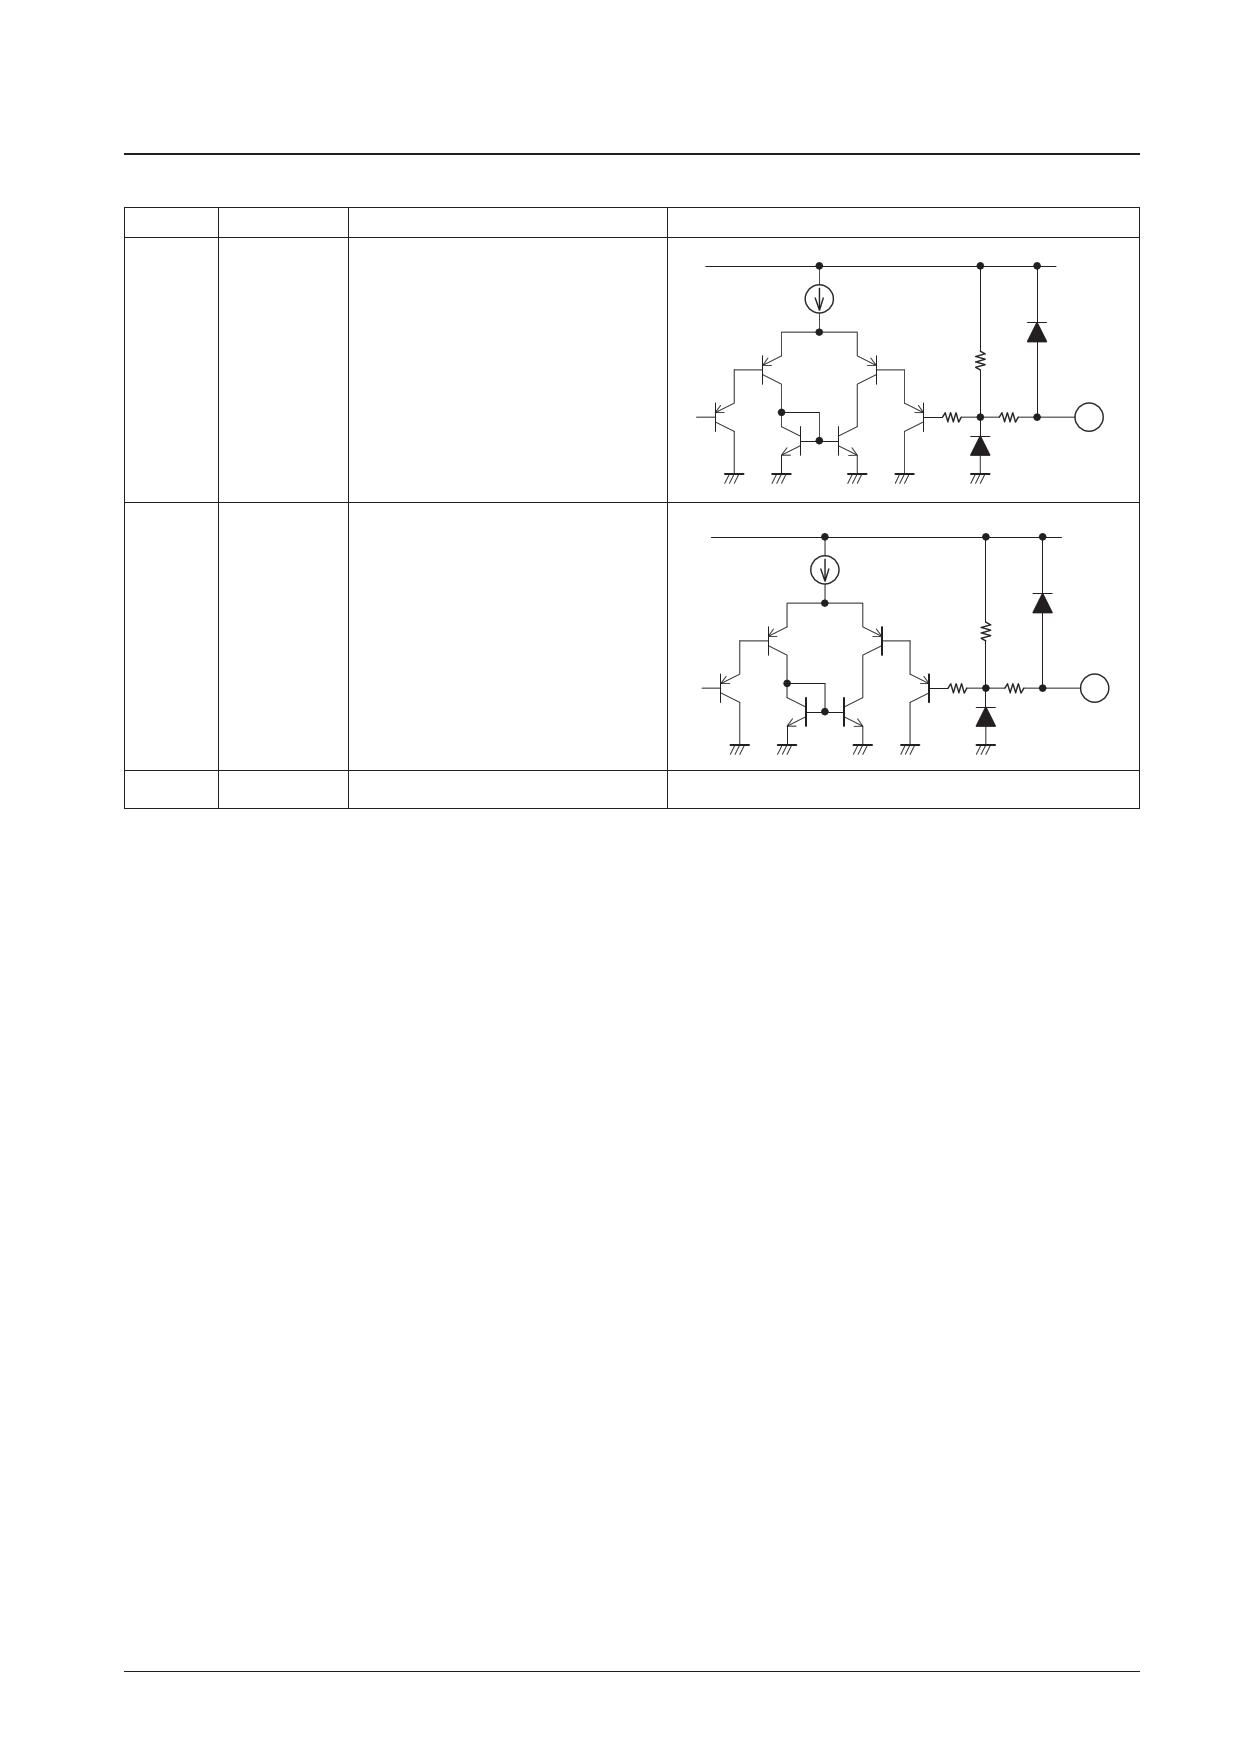 LB1876 arduino